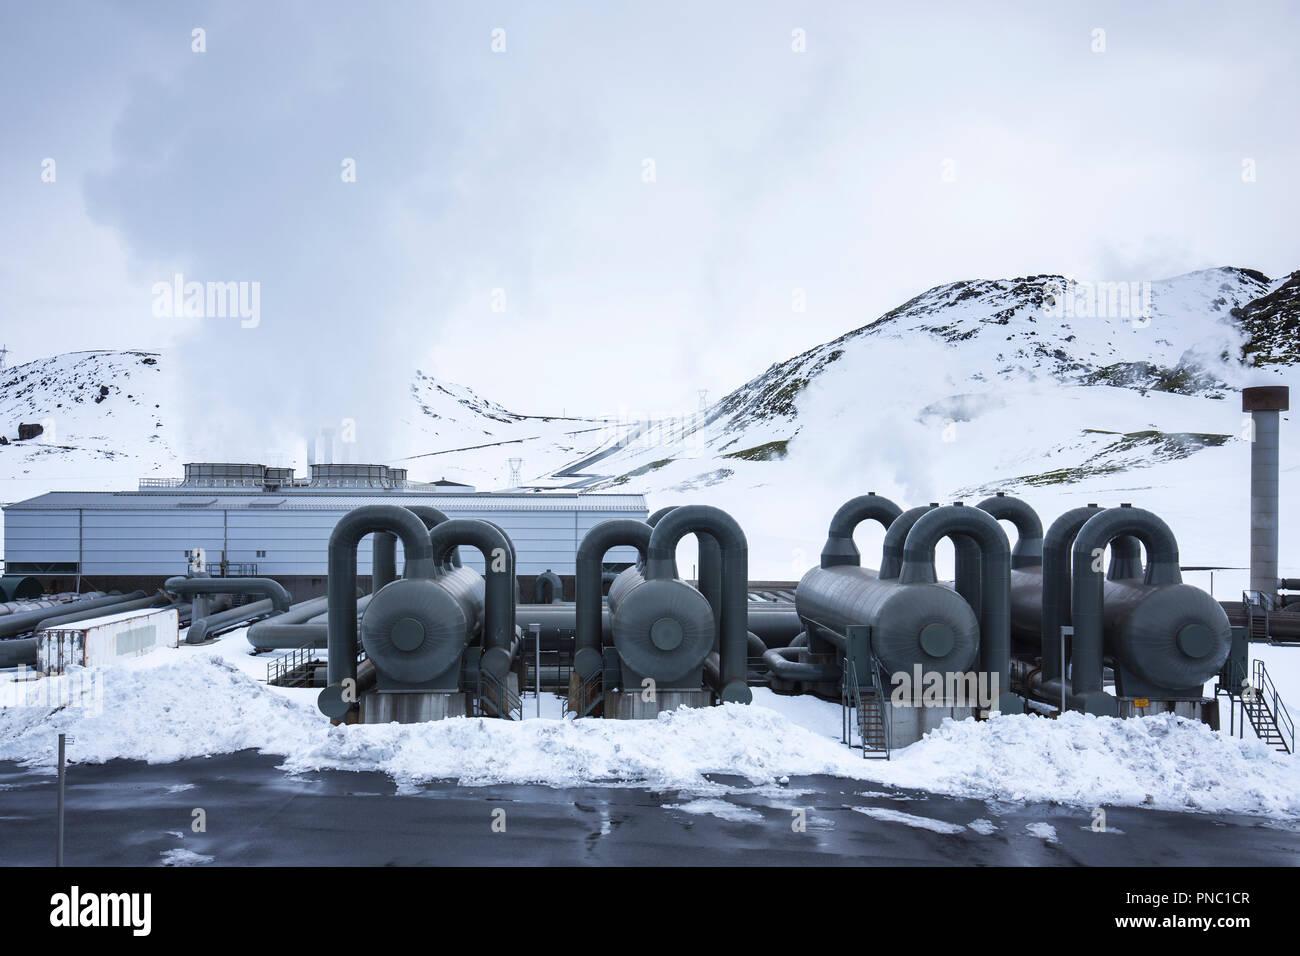 Séparateurs de vapeur à puissance Natturunn SUR Orka, l'énergie de la nature de l'Énergie verte Énergie renouvelable centrale géothermique, Reykjavik, Islande Du Sud Photo Stock